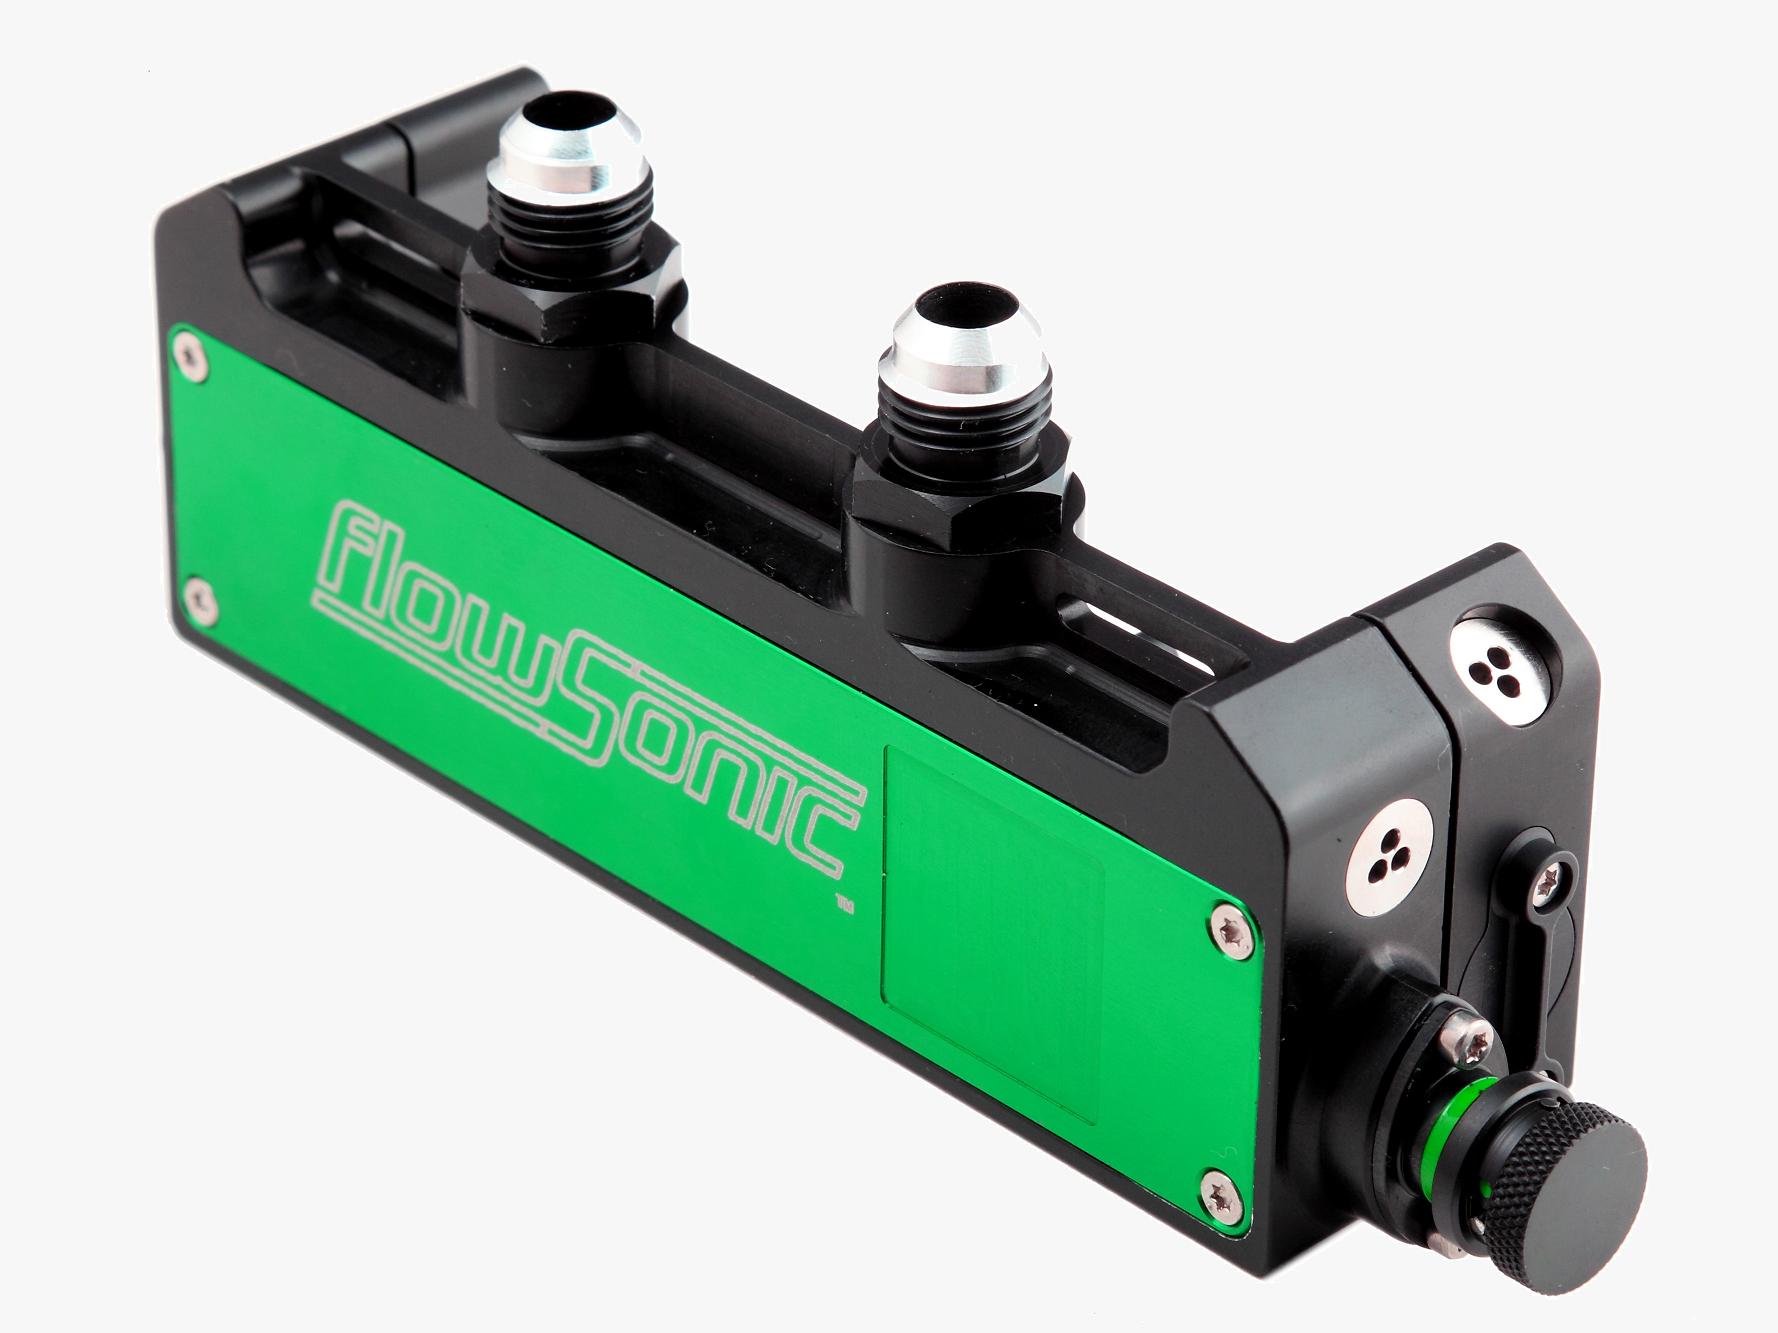 flowsonic-elite-fuel-flow-meter